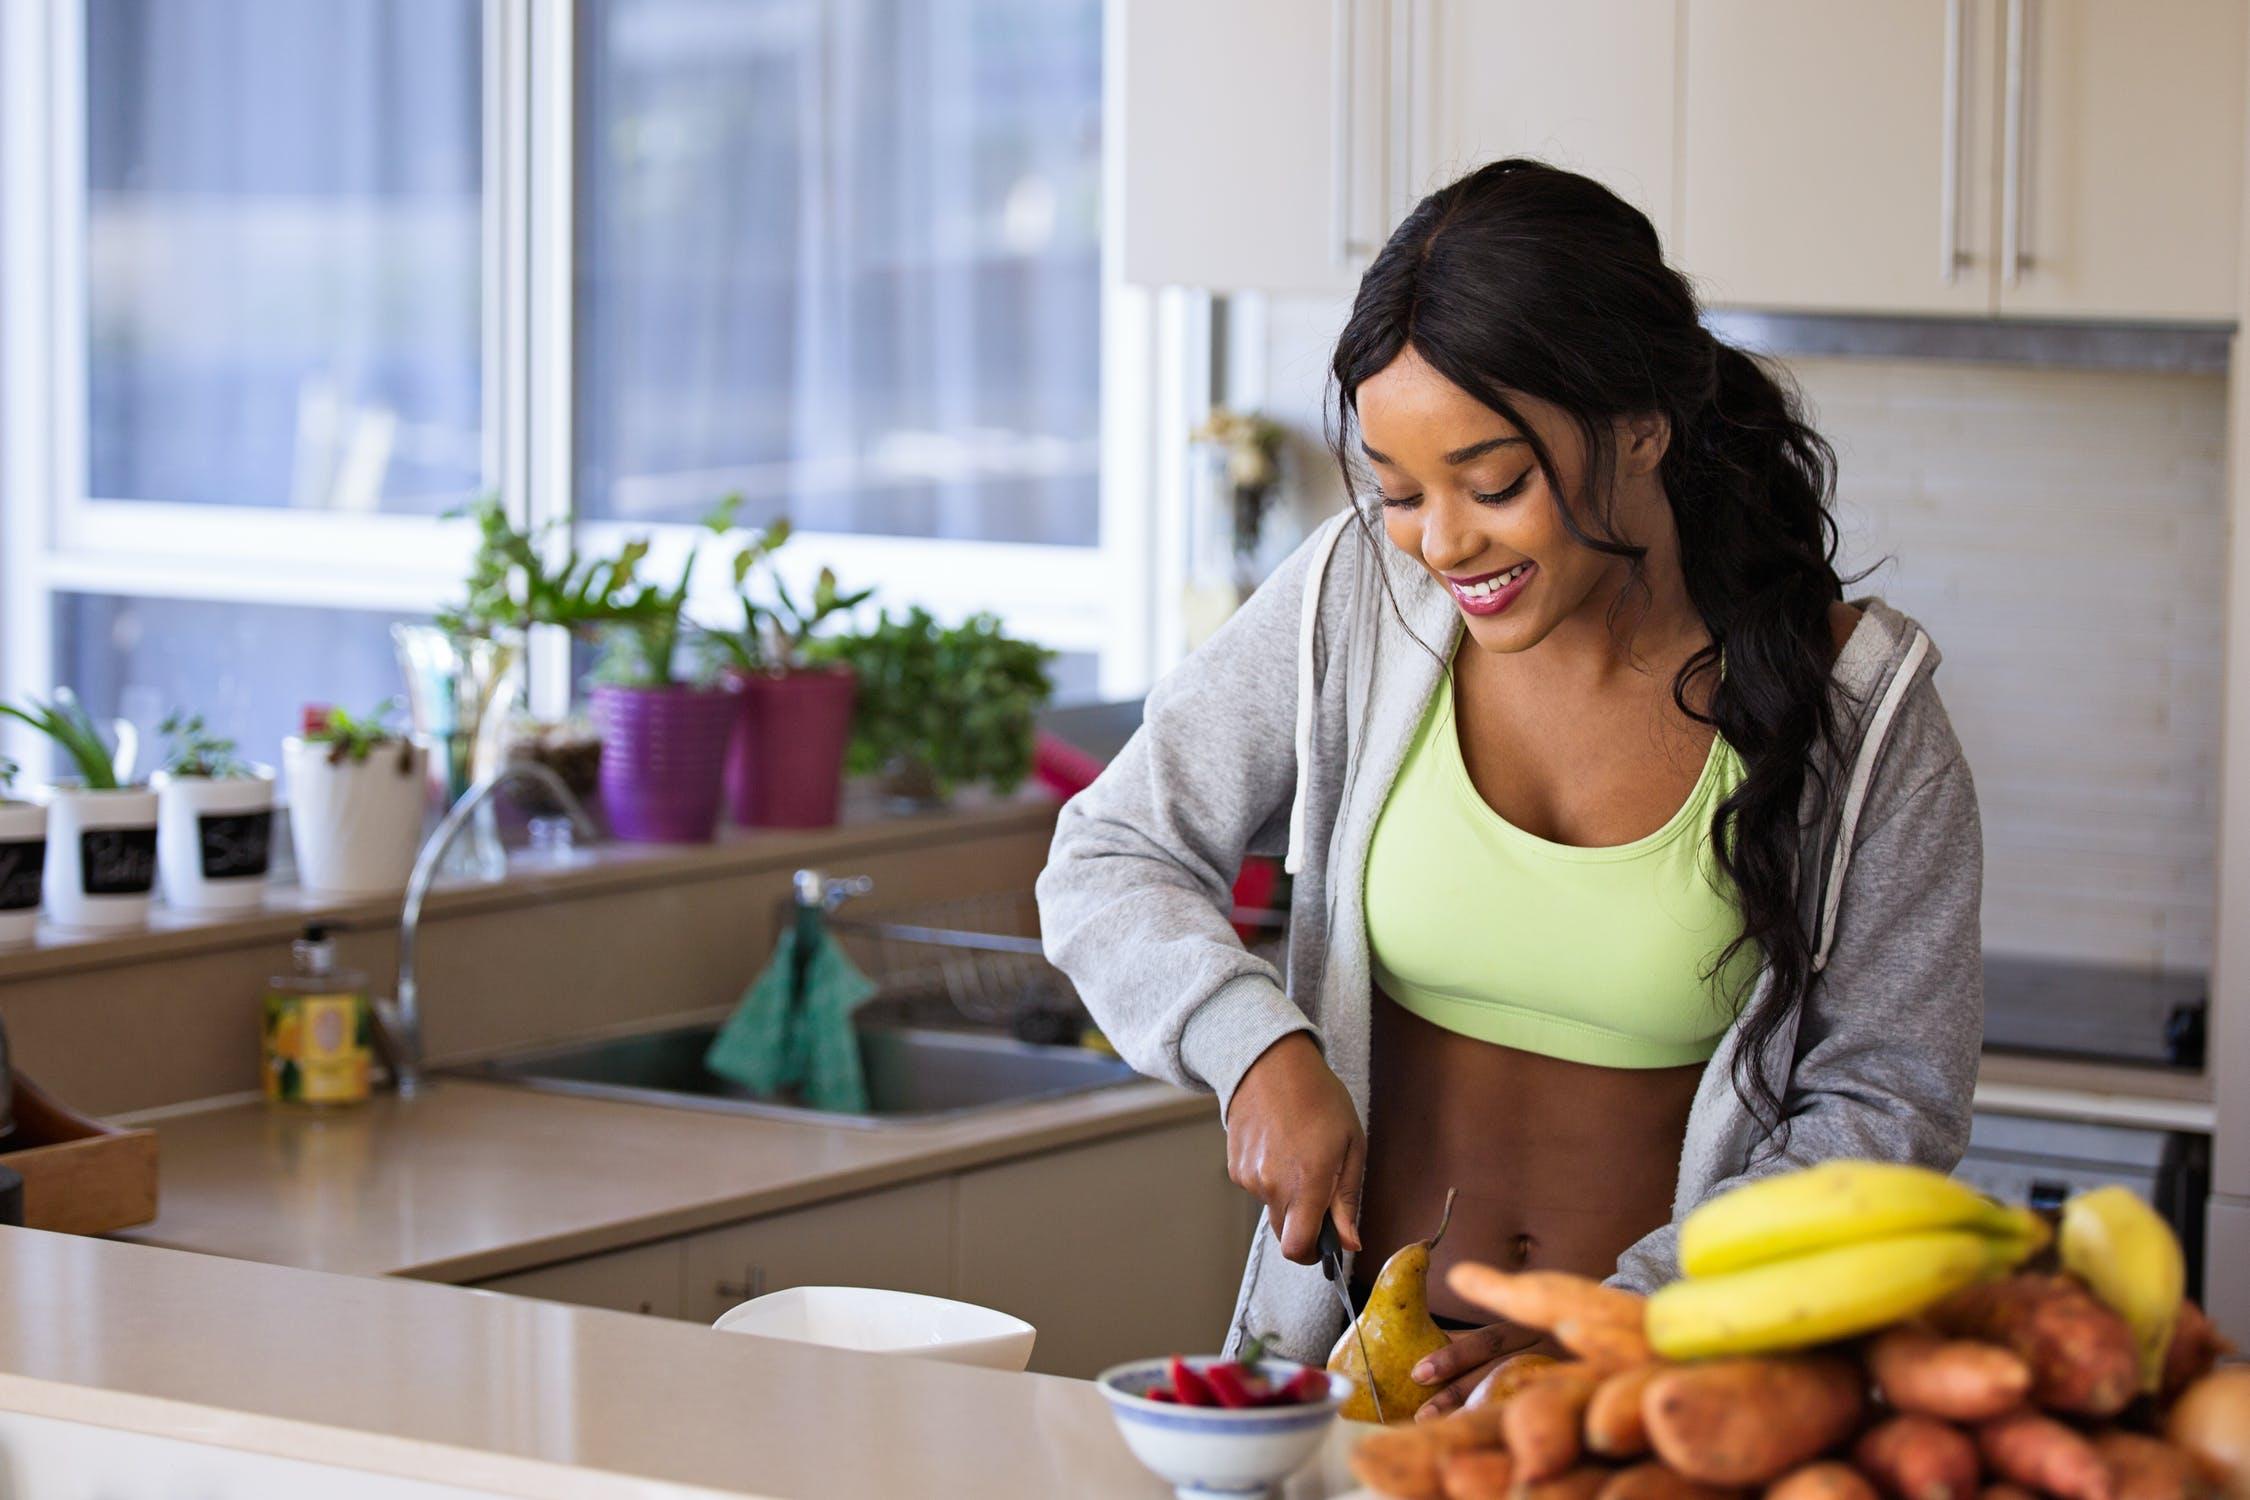 Healthy Home, Healthy Habits